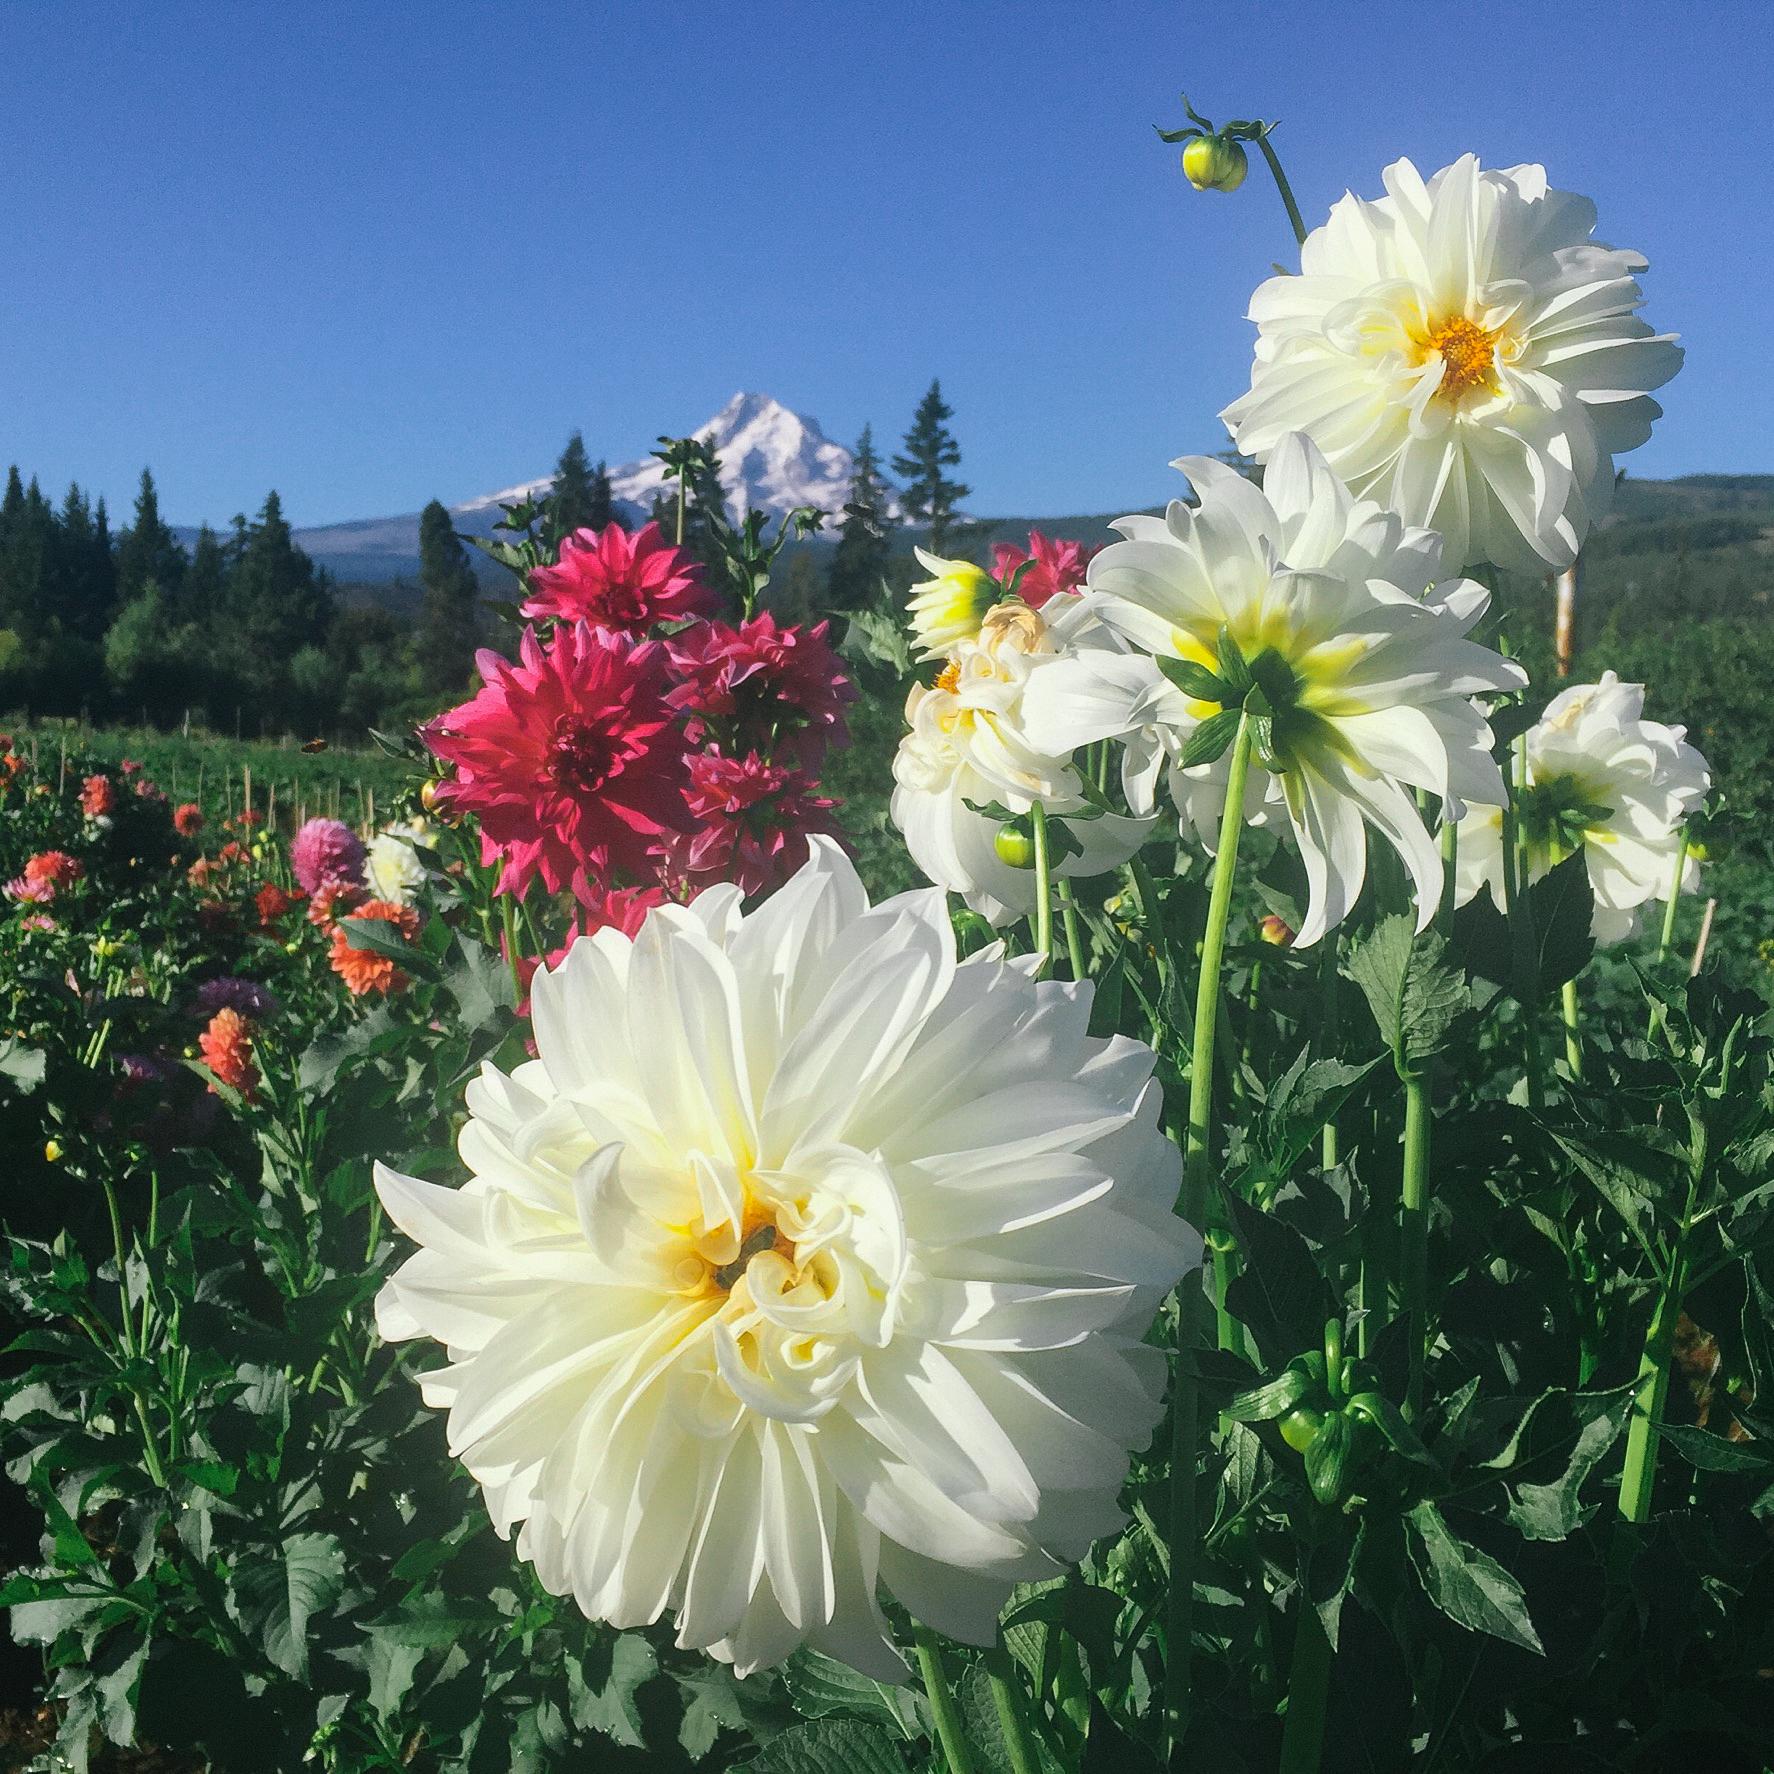 Mt_View_Flowers-2.JPG